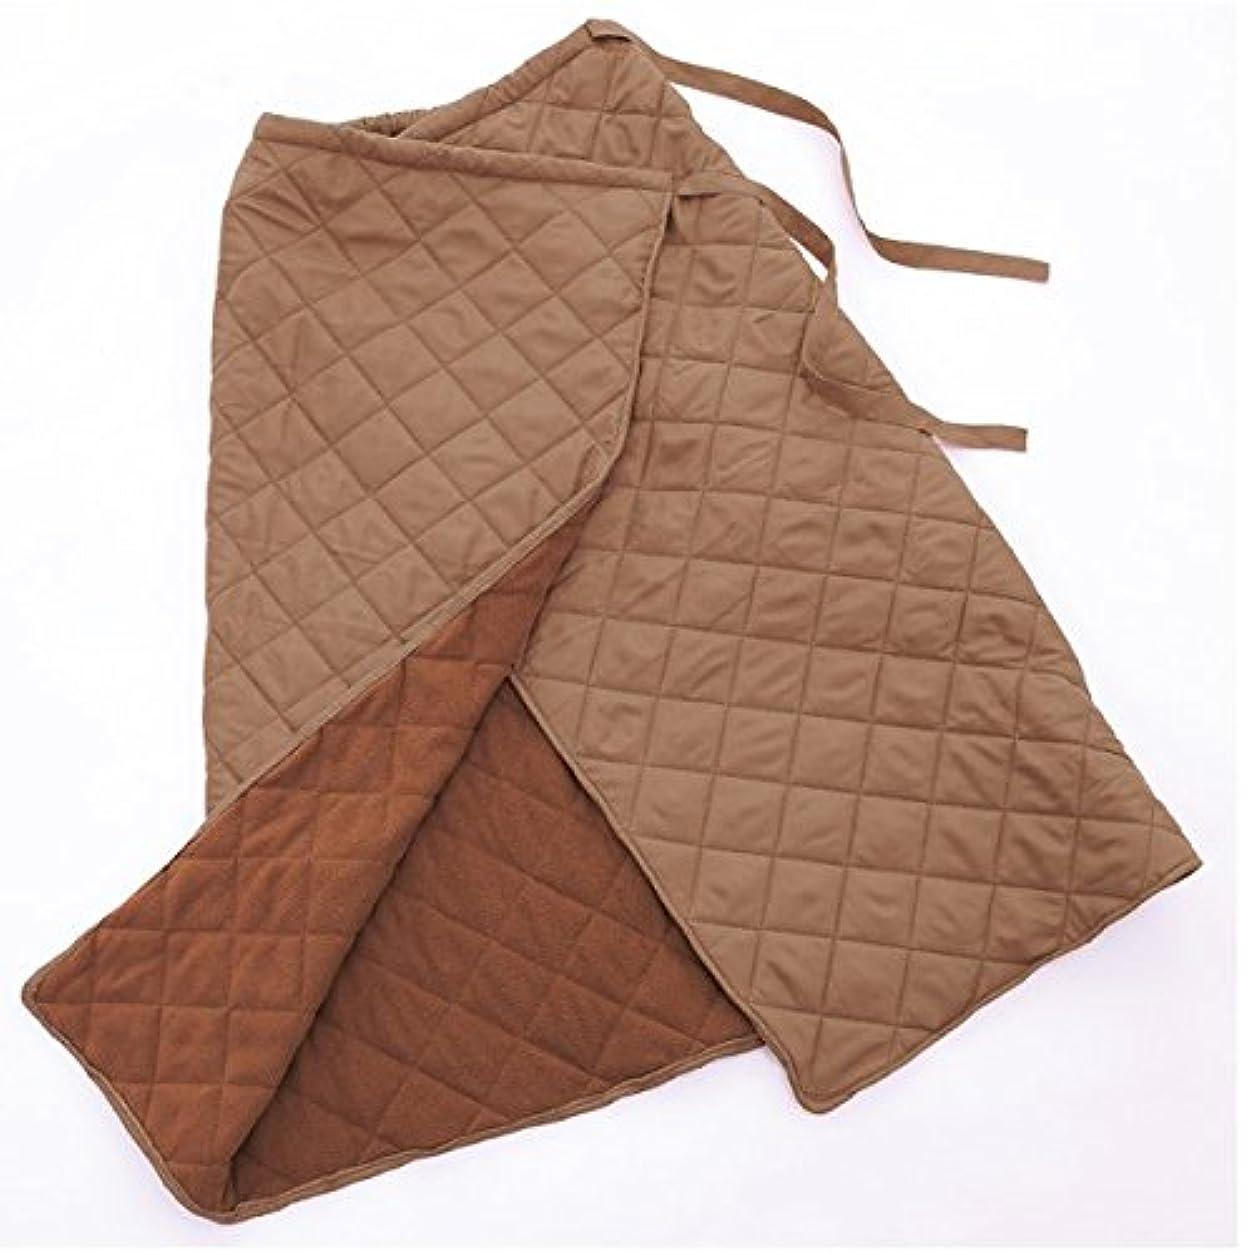 またはどちらか中国より良い巻きスカート 防寒 冬 あったか 冷え かわいい おしゃれ キルティング フリース あったか ロング レディース 足の冷え ひざ掛け 巻 あったか巻きスカート ココア